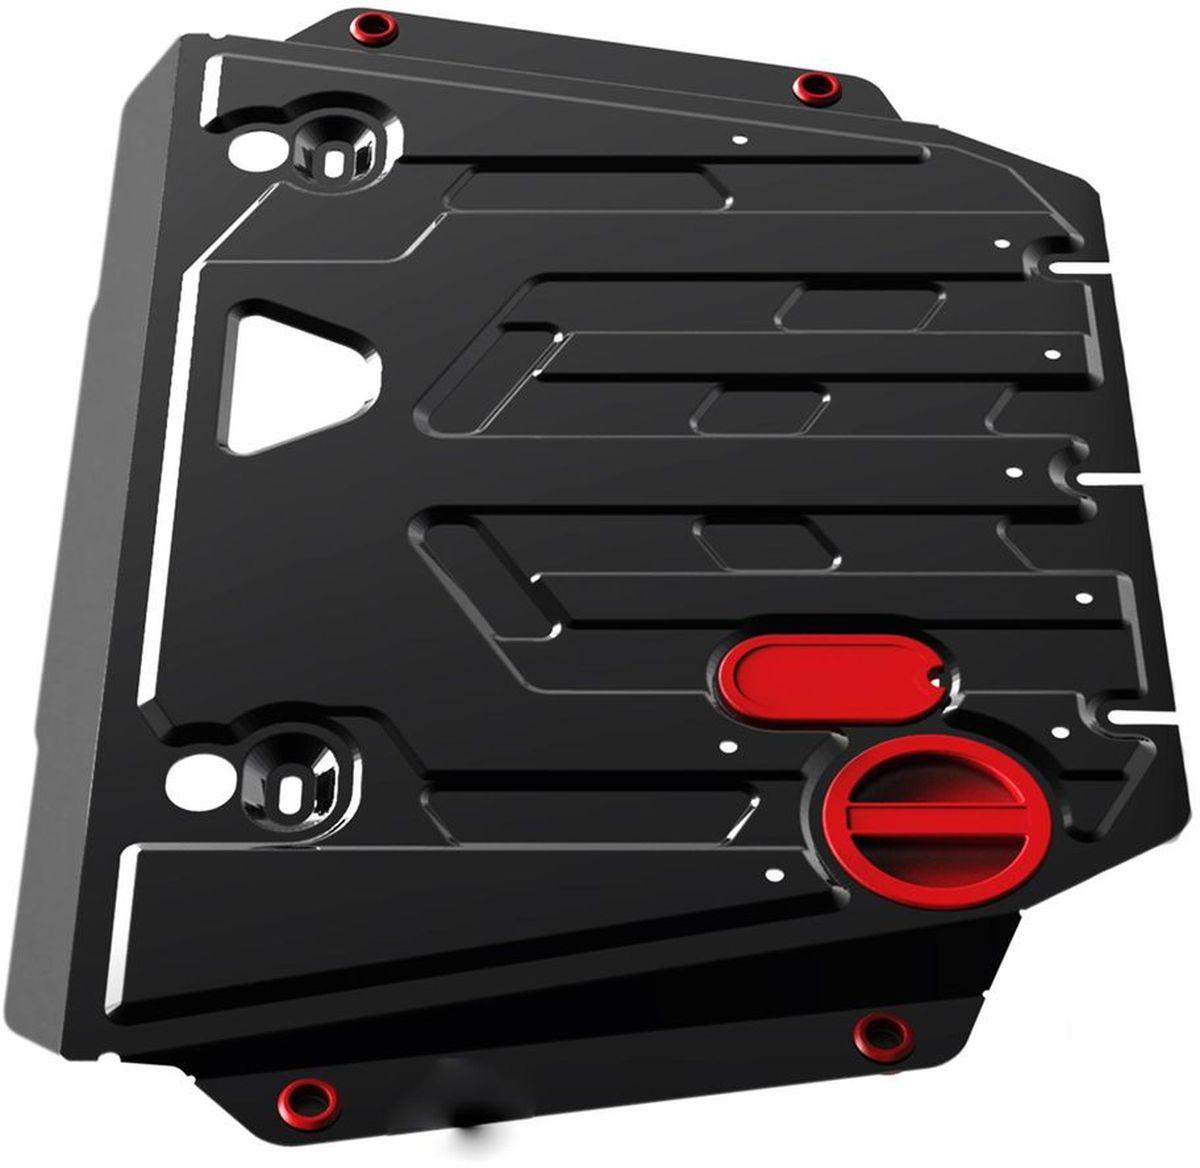 Защита картера и КПП Автоброня Luxgen 7 SUV 2013-, сталь 2 мм111.08801.1Защита картера и КПП Автоброня Luxgen 7 SUV V - 2,2L 2013-, сталь 2 мм, комплект крепежа, 111.08801.1Стальные защиты Автоброня надежно защищают ваш автомобиль от повреждений при наезде на бордюры, выступающие канализационные люки, кромки поврежденного асфальта или при ремонте дорог, не говоря уже о загородных дорогах.- Имеют оптимальное соотношение цена-качество.- Спроектированы с учетом особенностей автомобиля, что делает установку удобной.- Защита устанавливается в штатные места кузова автомобиля.- Является надежной защитой для важных элементов на протяжении долгих лет.- Глубокий штамп дополнительно усиливает конструкцию защиты.- Подштамповка в местах крепления защищает крепеж от срезания.- Технологические отверстия там, где они необходимы для смены масла и слива воды, оборудованные заглушками, закрепленными на защите.Толщина стали 2 мм.В комплекте крепеж и инструкция по установке.Уважаемые клиенты!Обращаем ваше внимание на тот факт, что защита имеет форму, соответствующую модели данного автомобиля. Наличие глубокого штампа и лючков для смены фильтров/масла предусмотрено не на всех защитах. Фото служит для визуального восприятия товара.